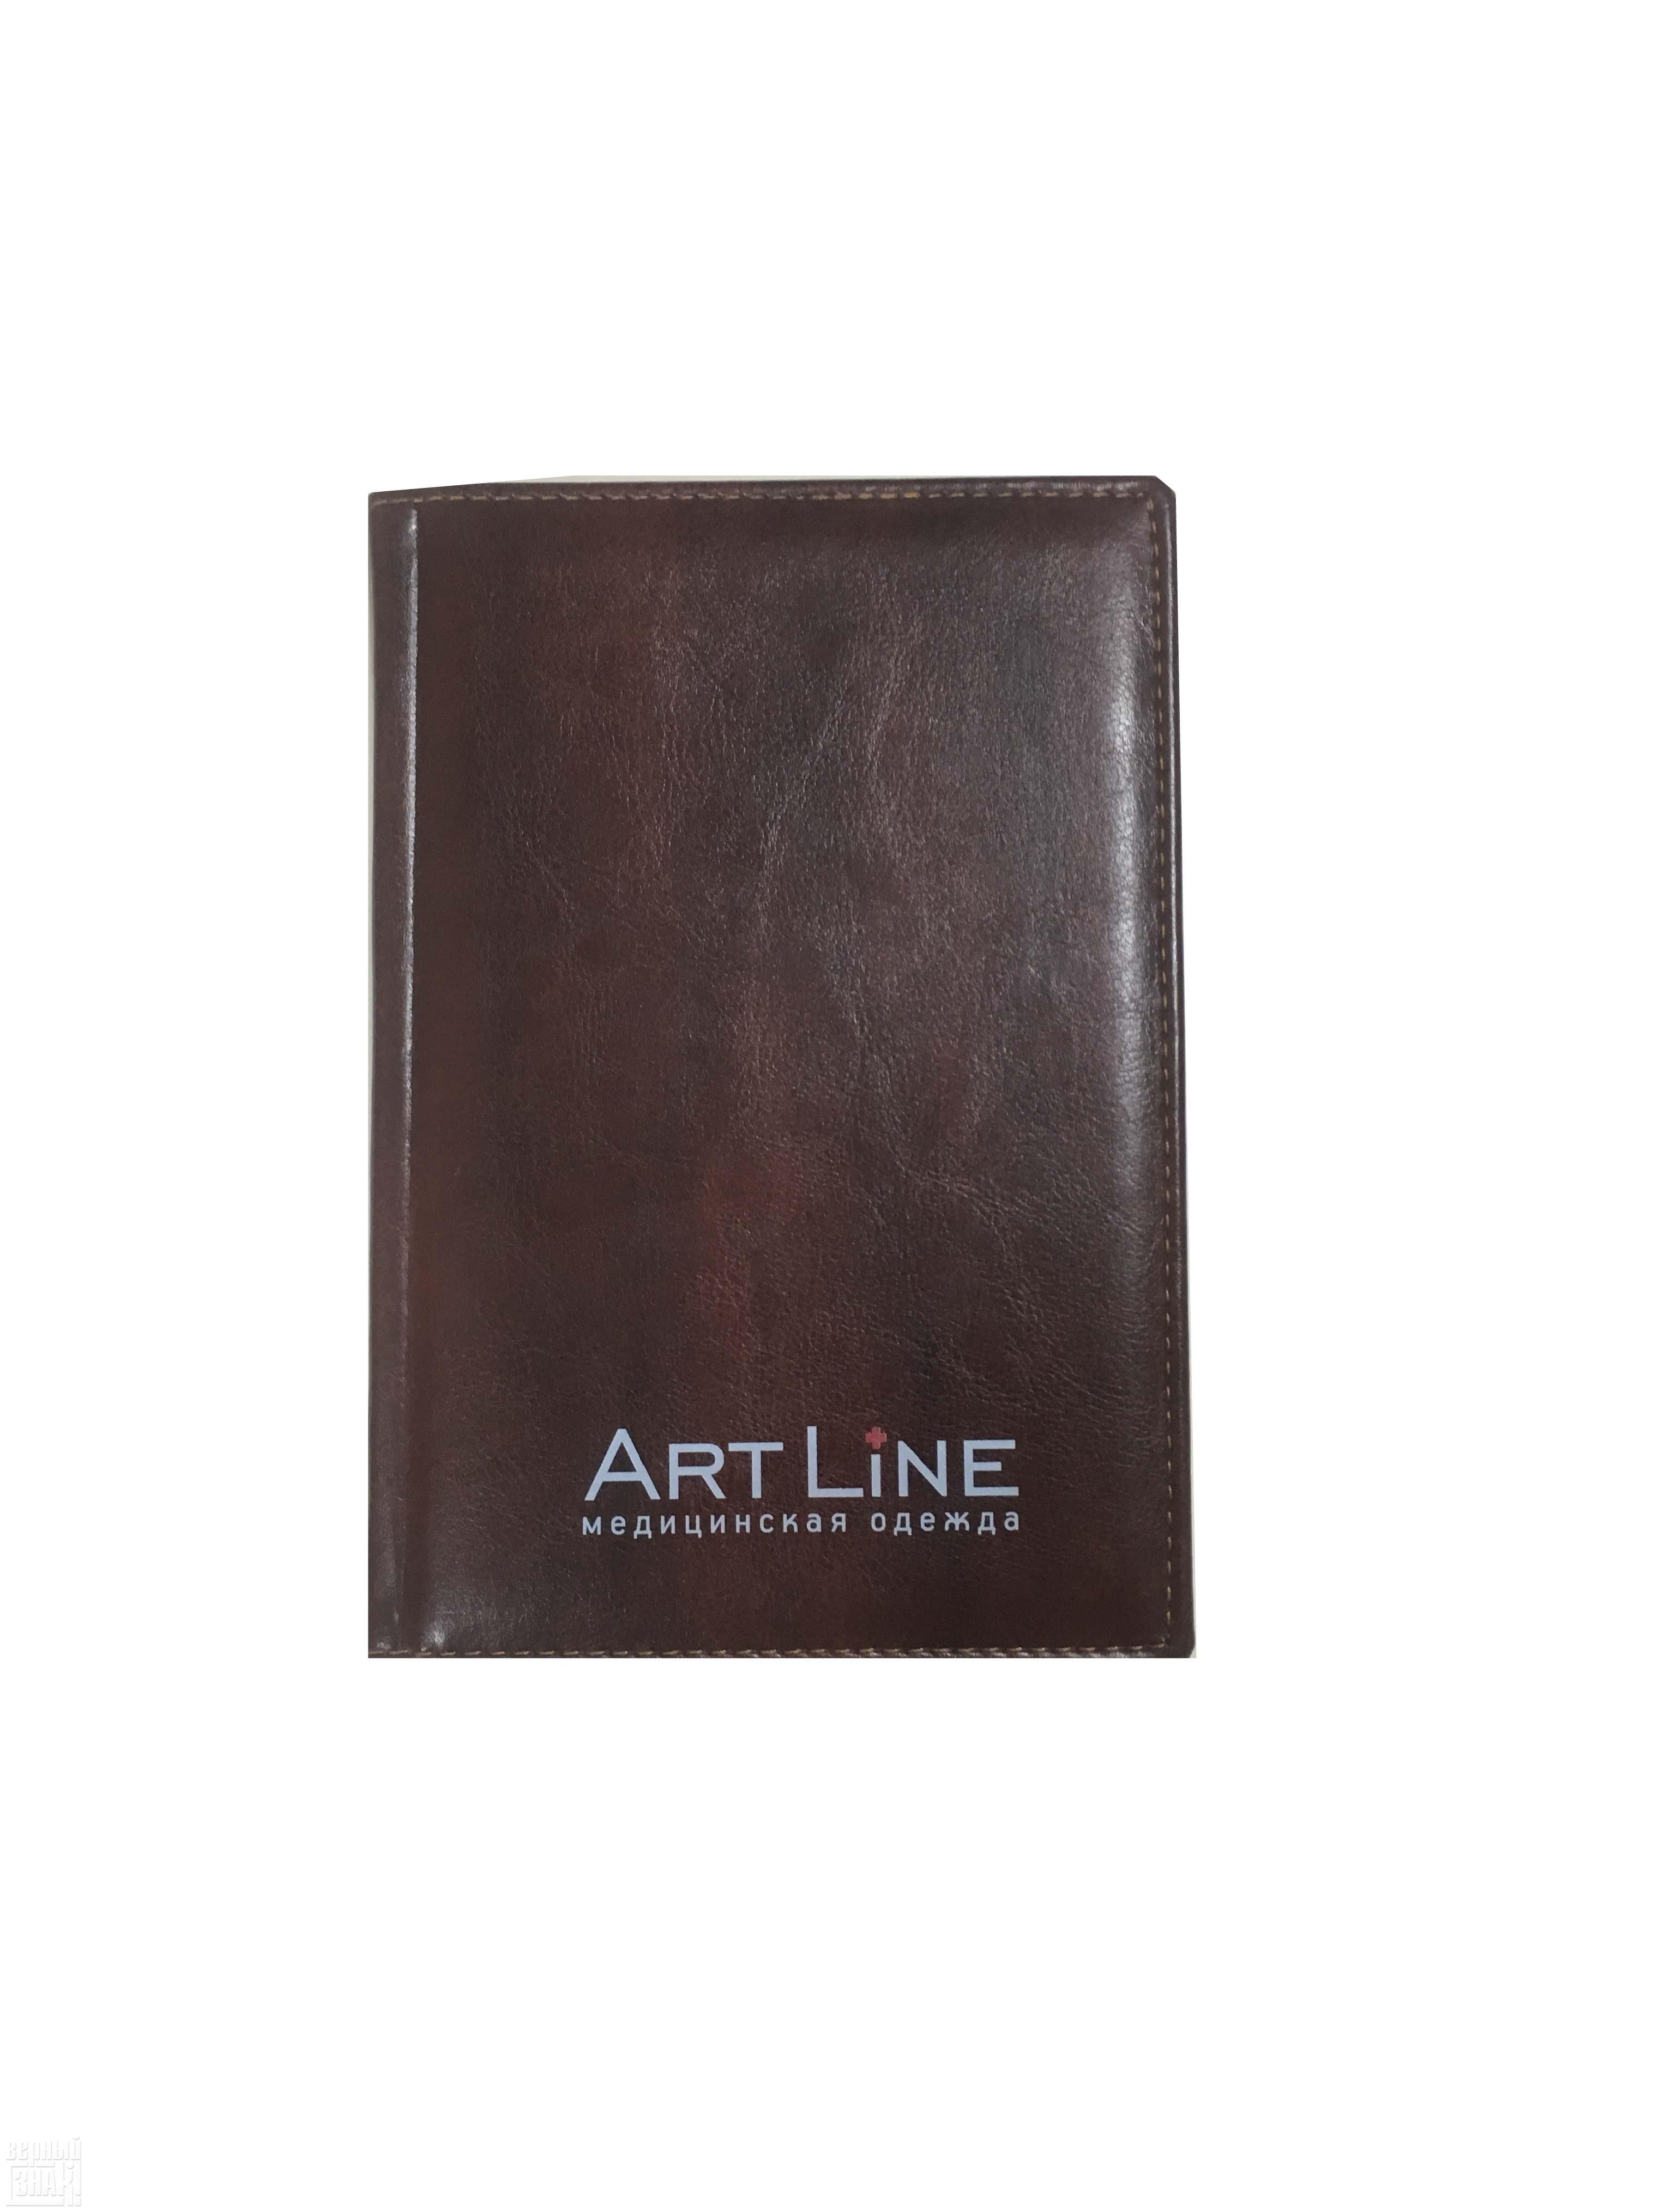 УФ печать на ежедневнике ArtLine